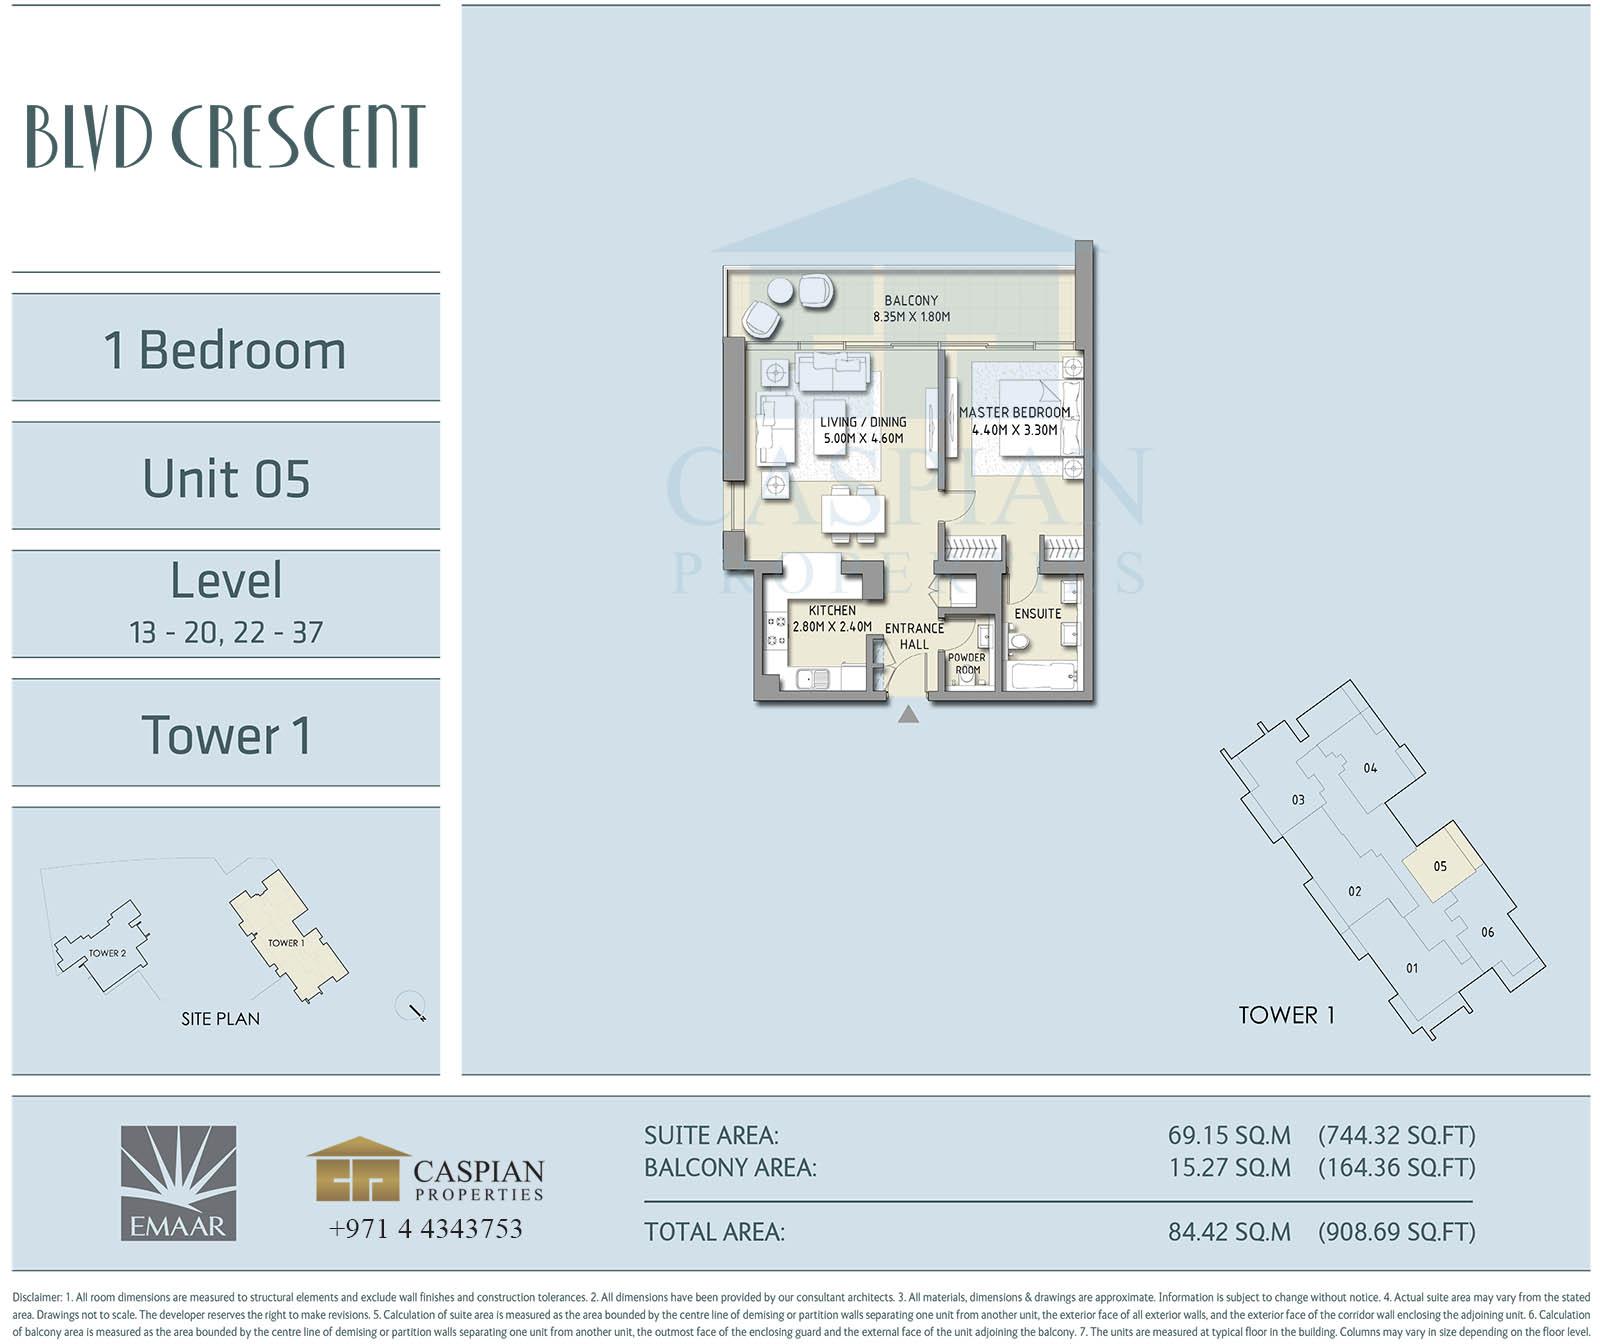 Boulevard Crescent Floor Plans